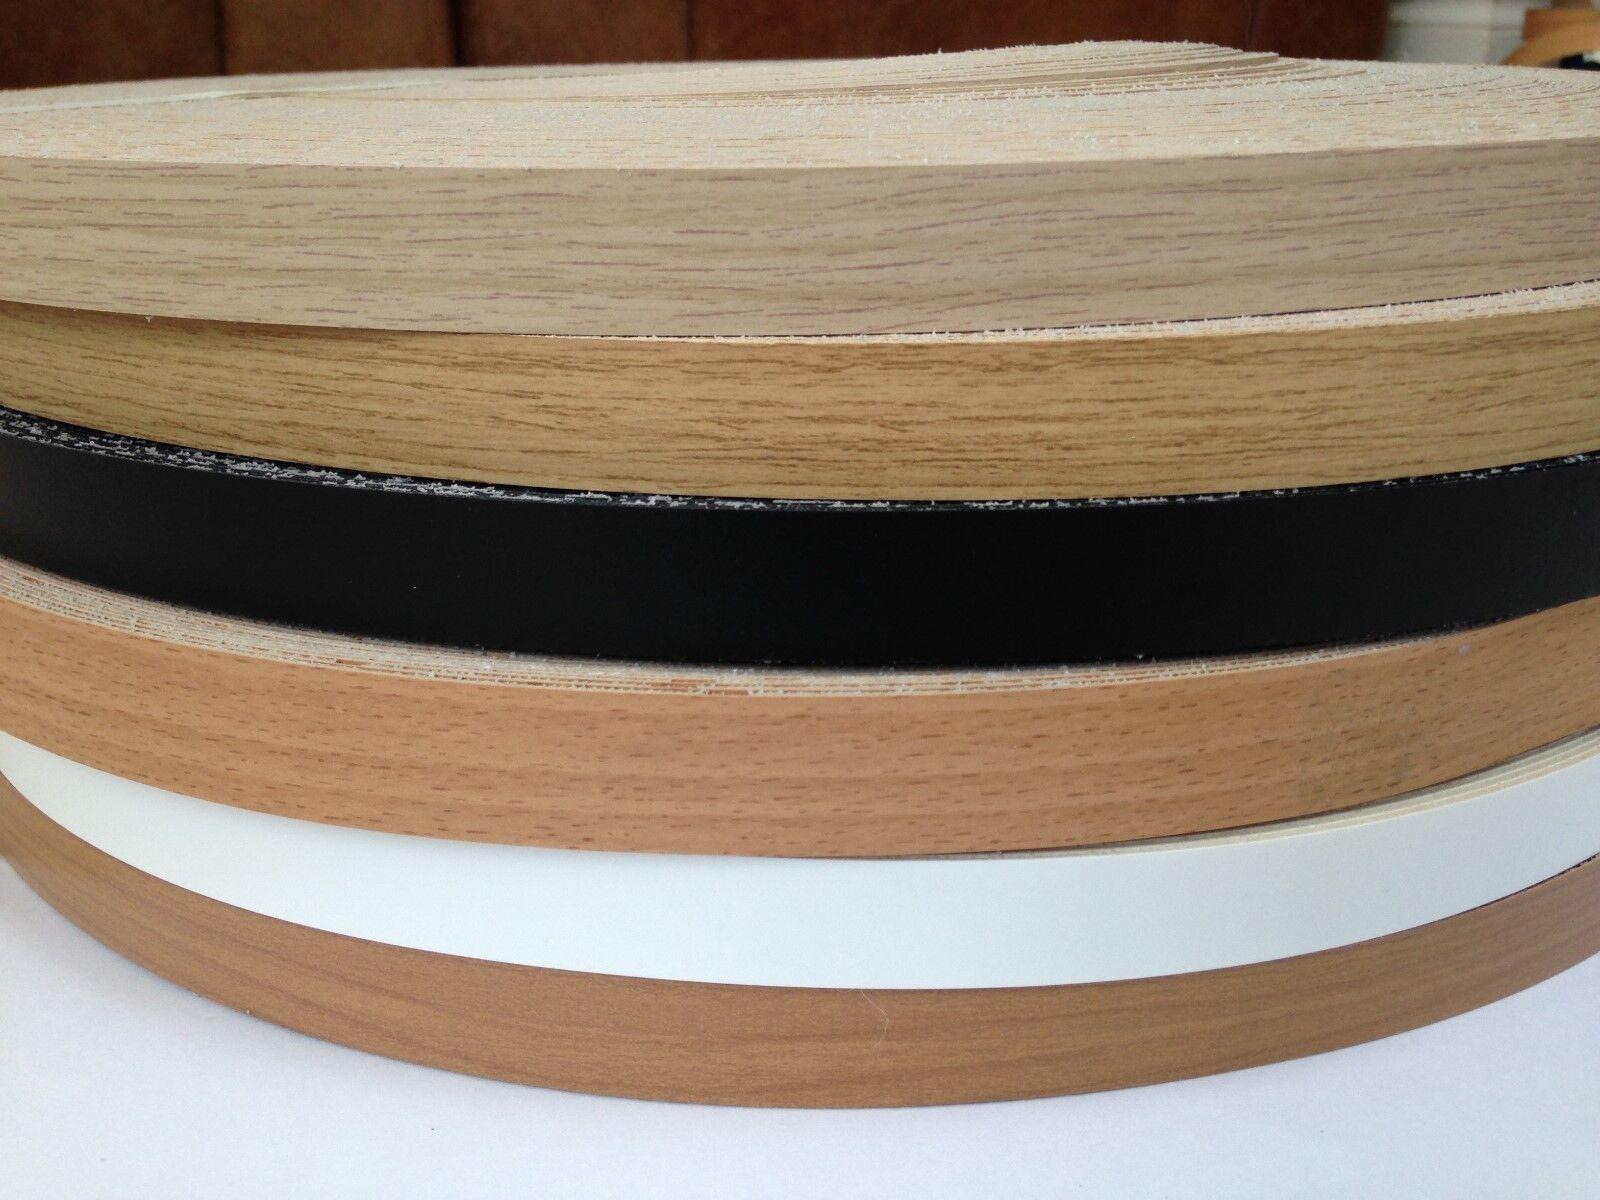 Iron on Pre-Glued Veneer Melamine Edging Tape 22mm BLACK BROWN OAK